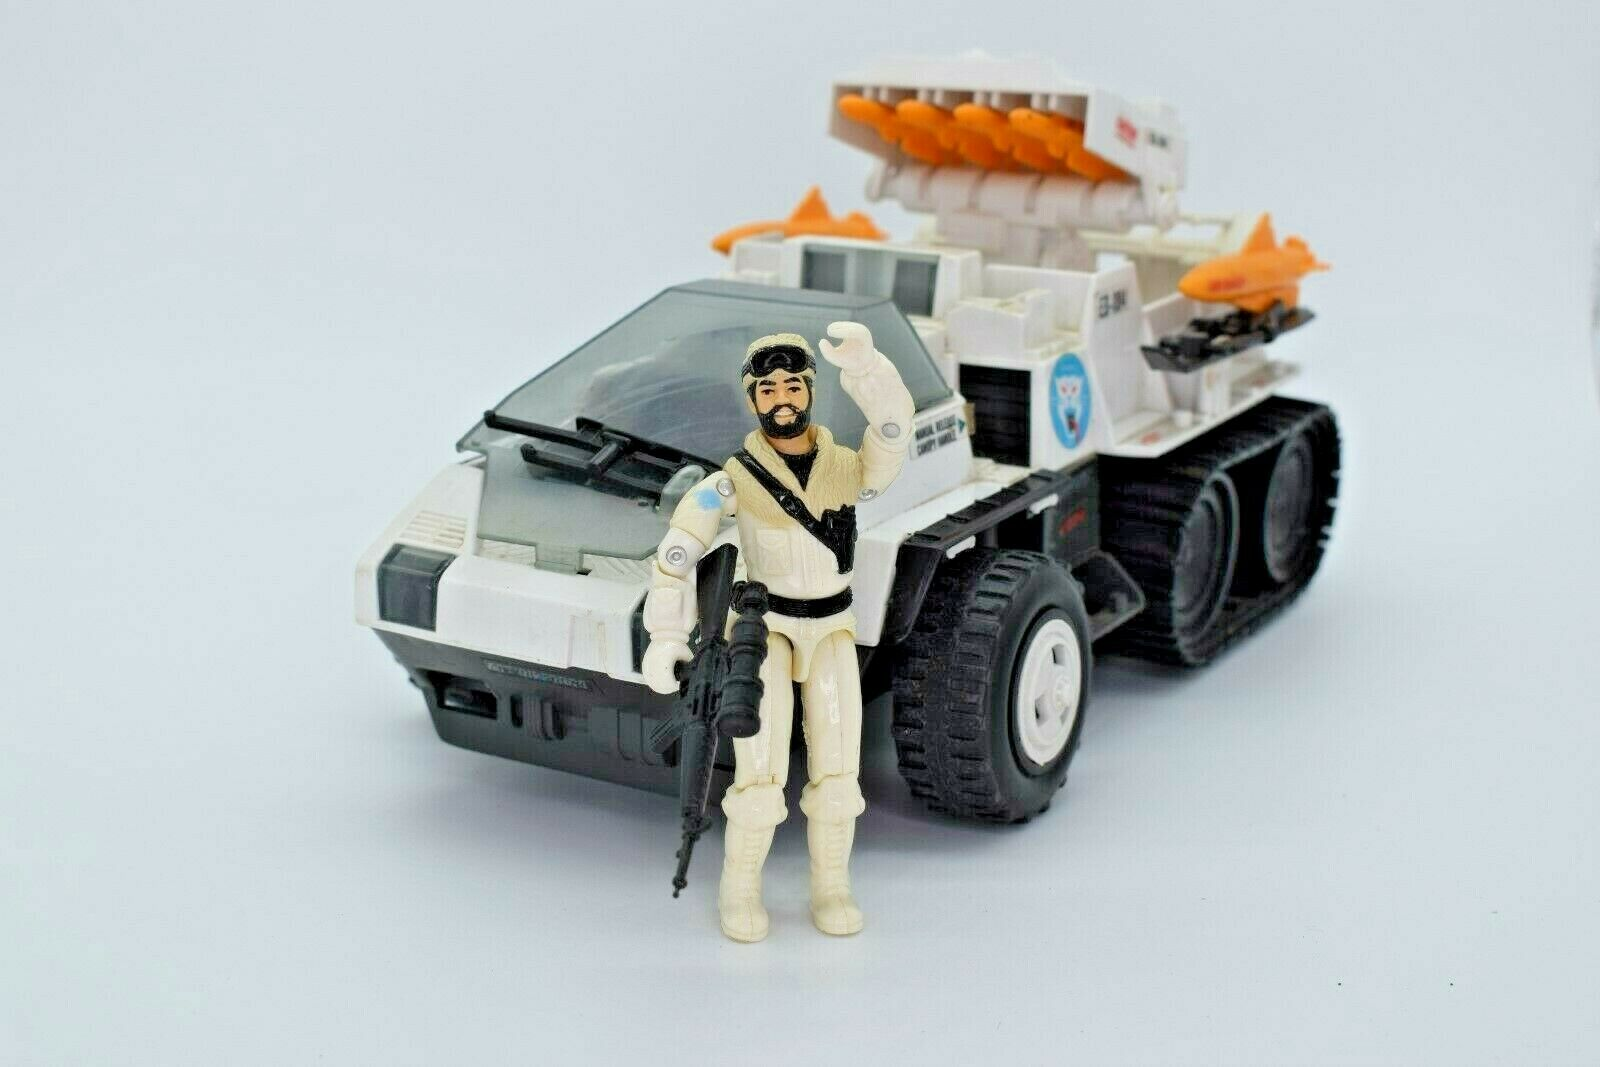 1984 GI Joe, ACTION FORCE, SNOWCAT, SNOW CAT, FROSTBITE, 1980S   produit de qualité